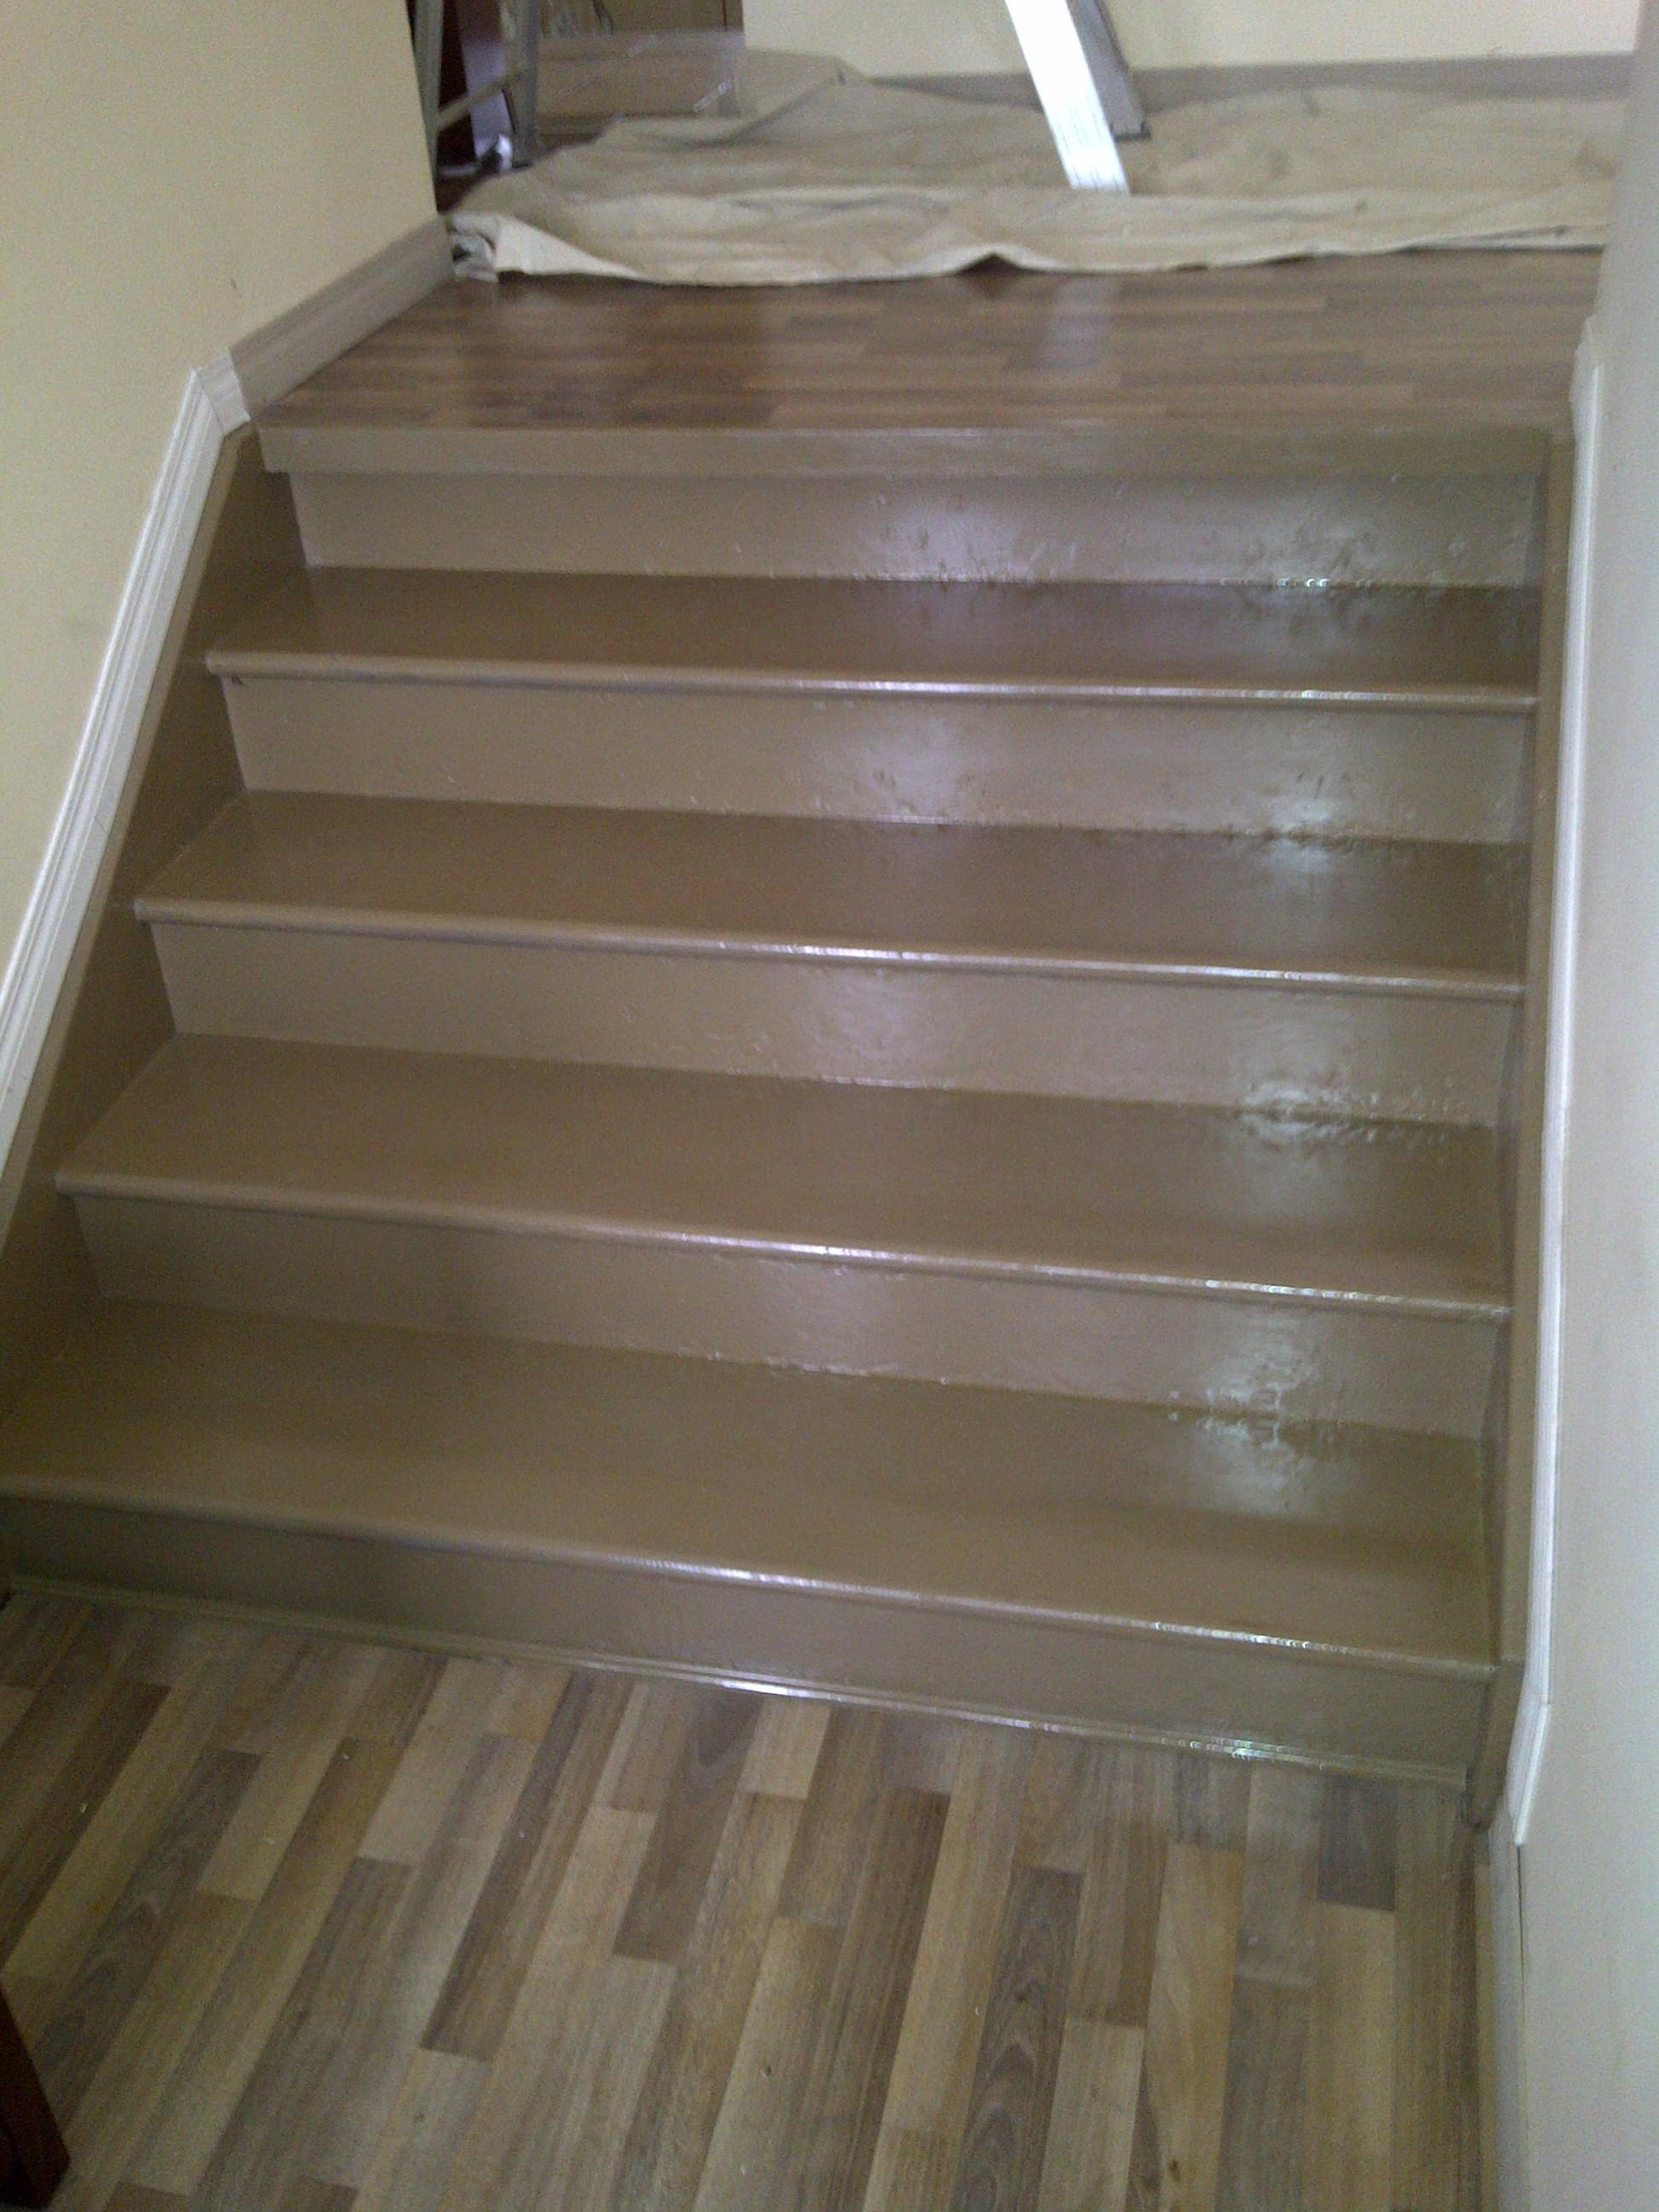 refinishing basement stairs refinishing basement stairs http www